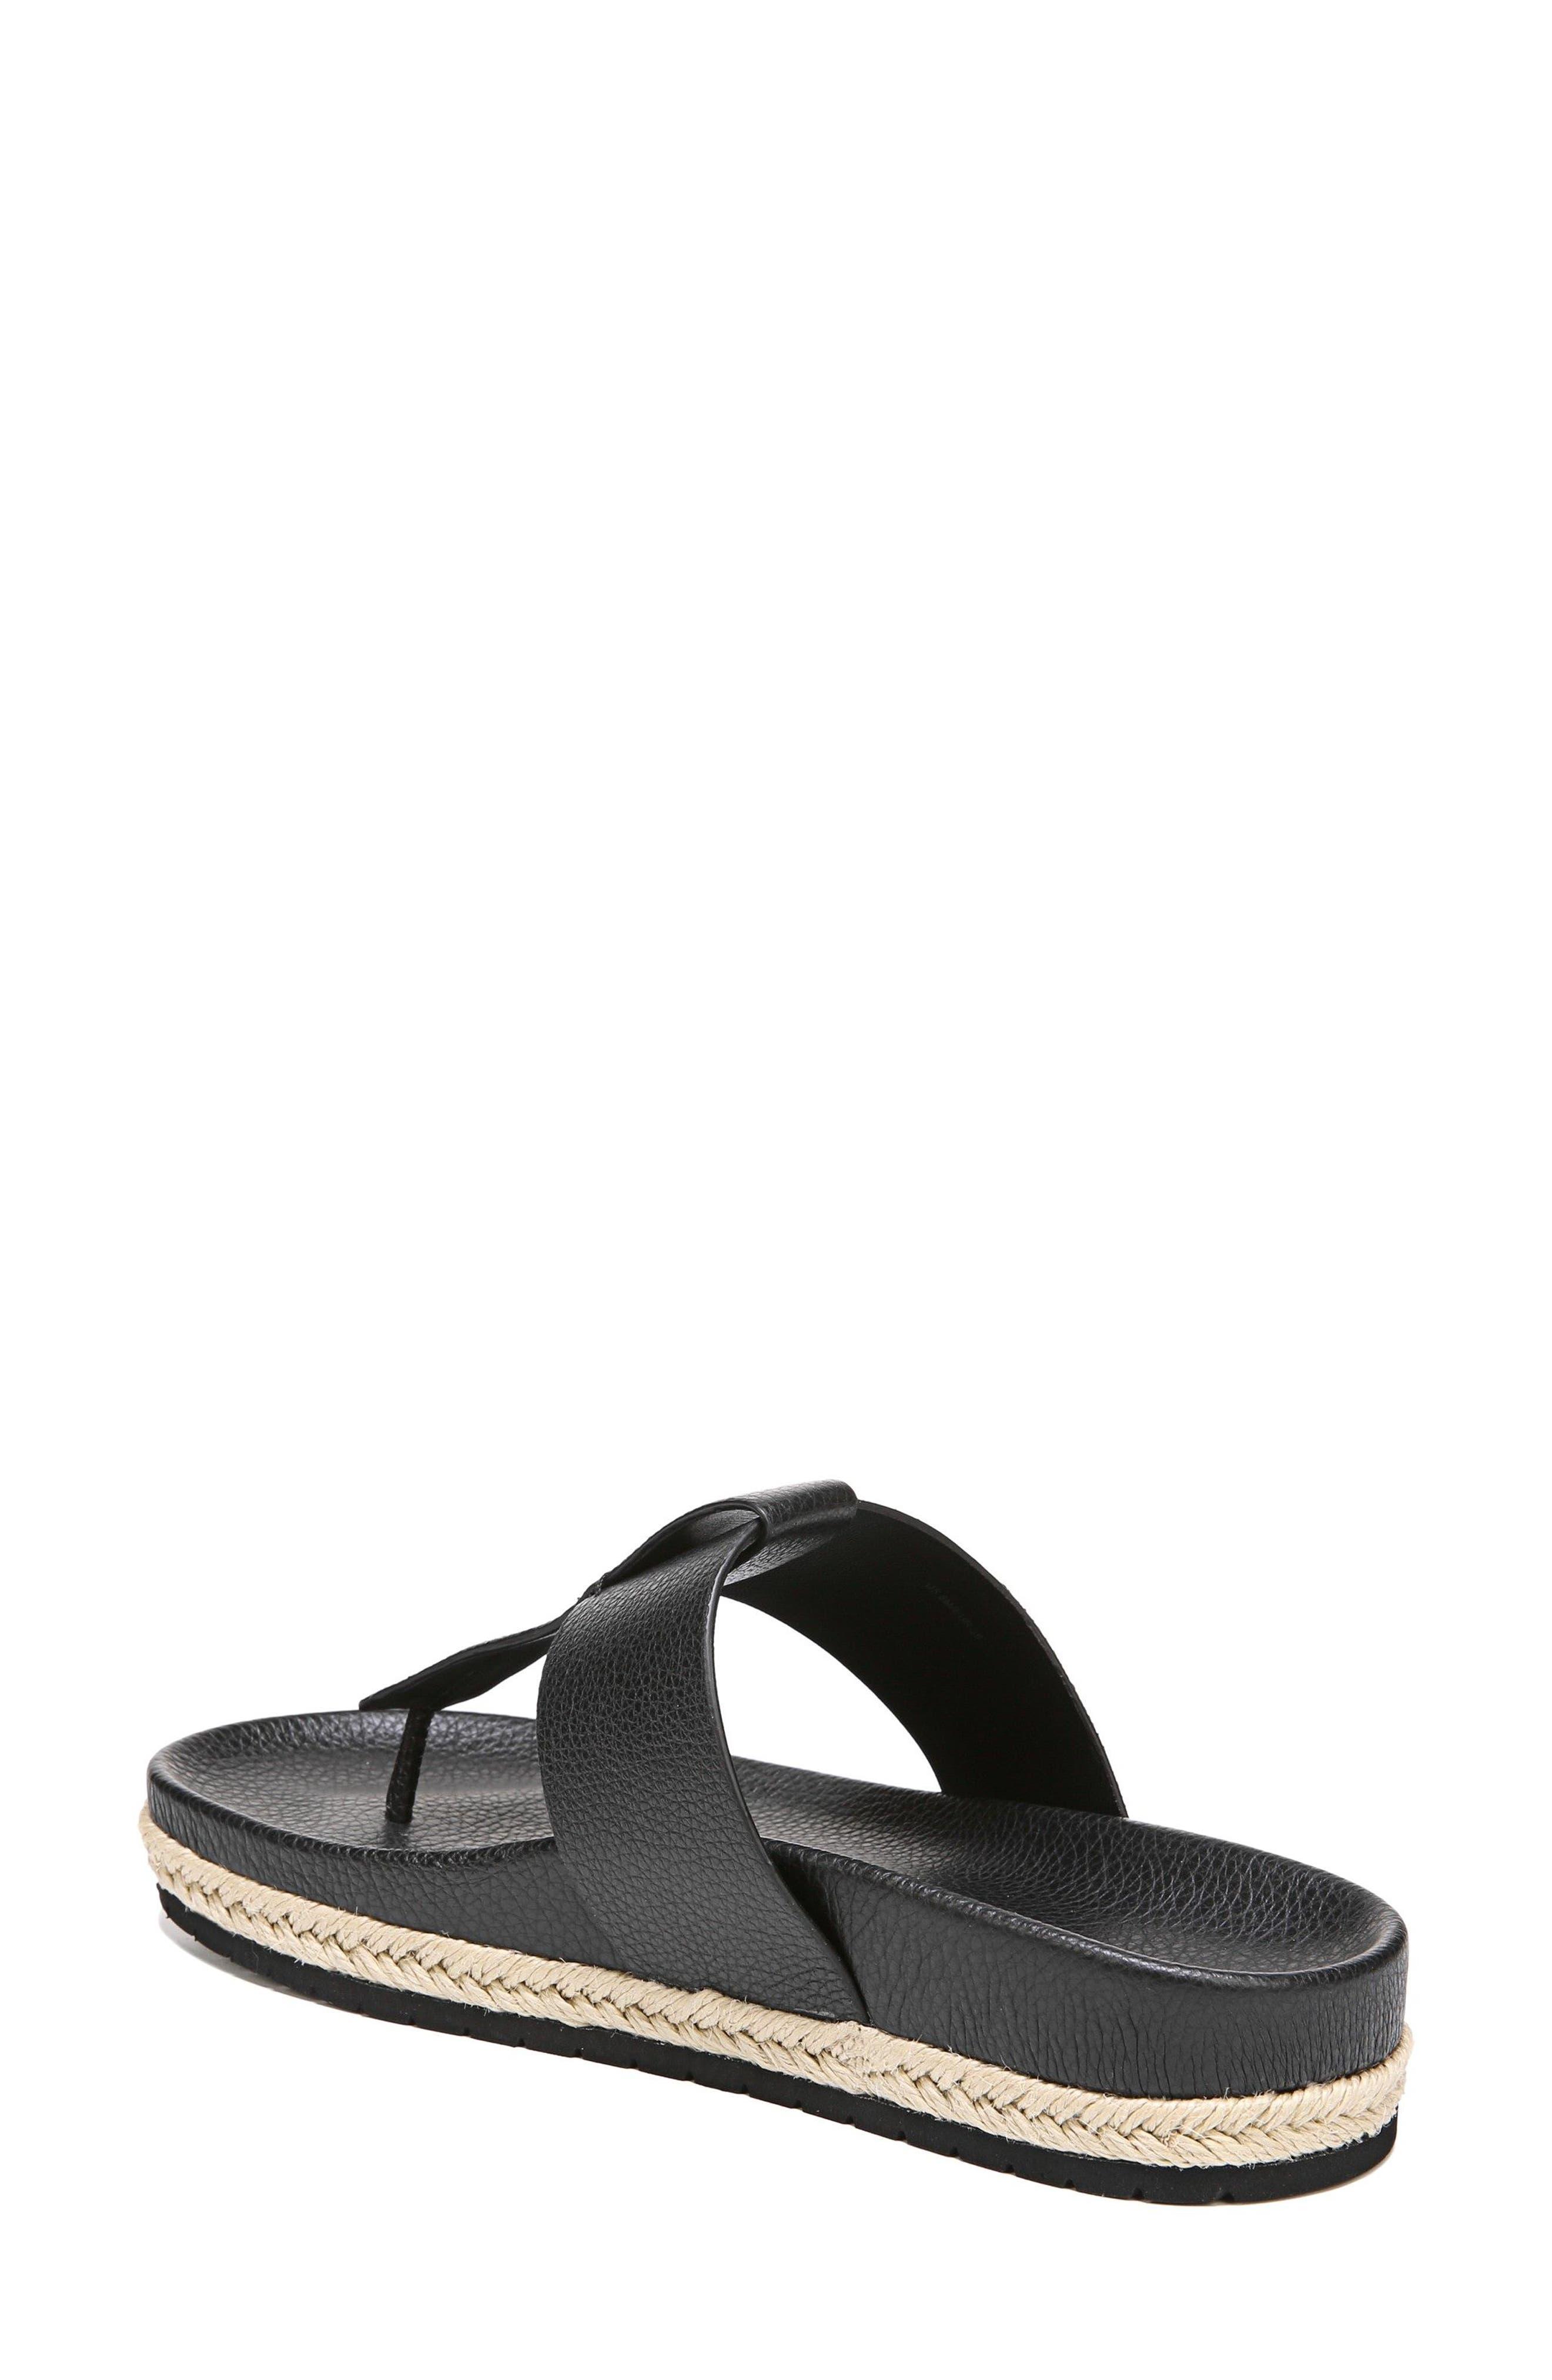 Avani T-Strap Flat Sandal,                             Alternate thumbnail 2, color,                             001